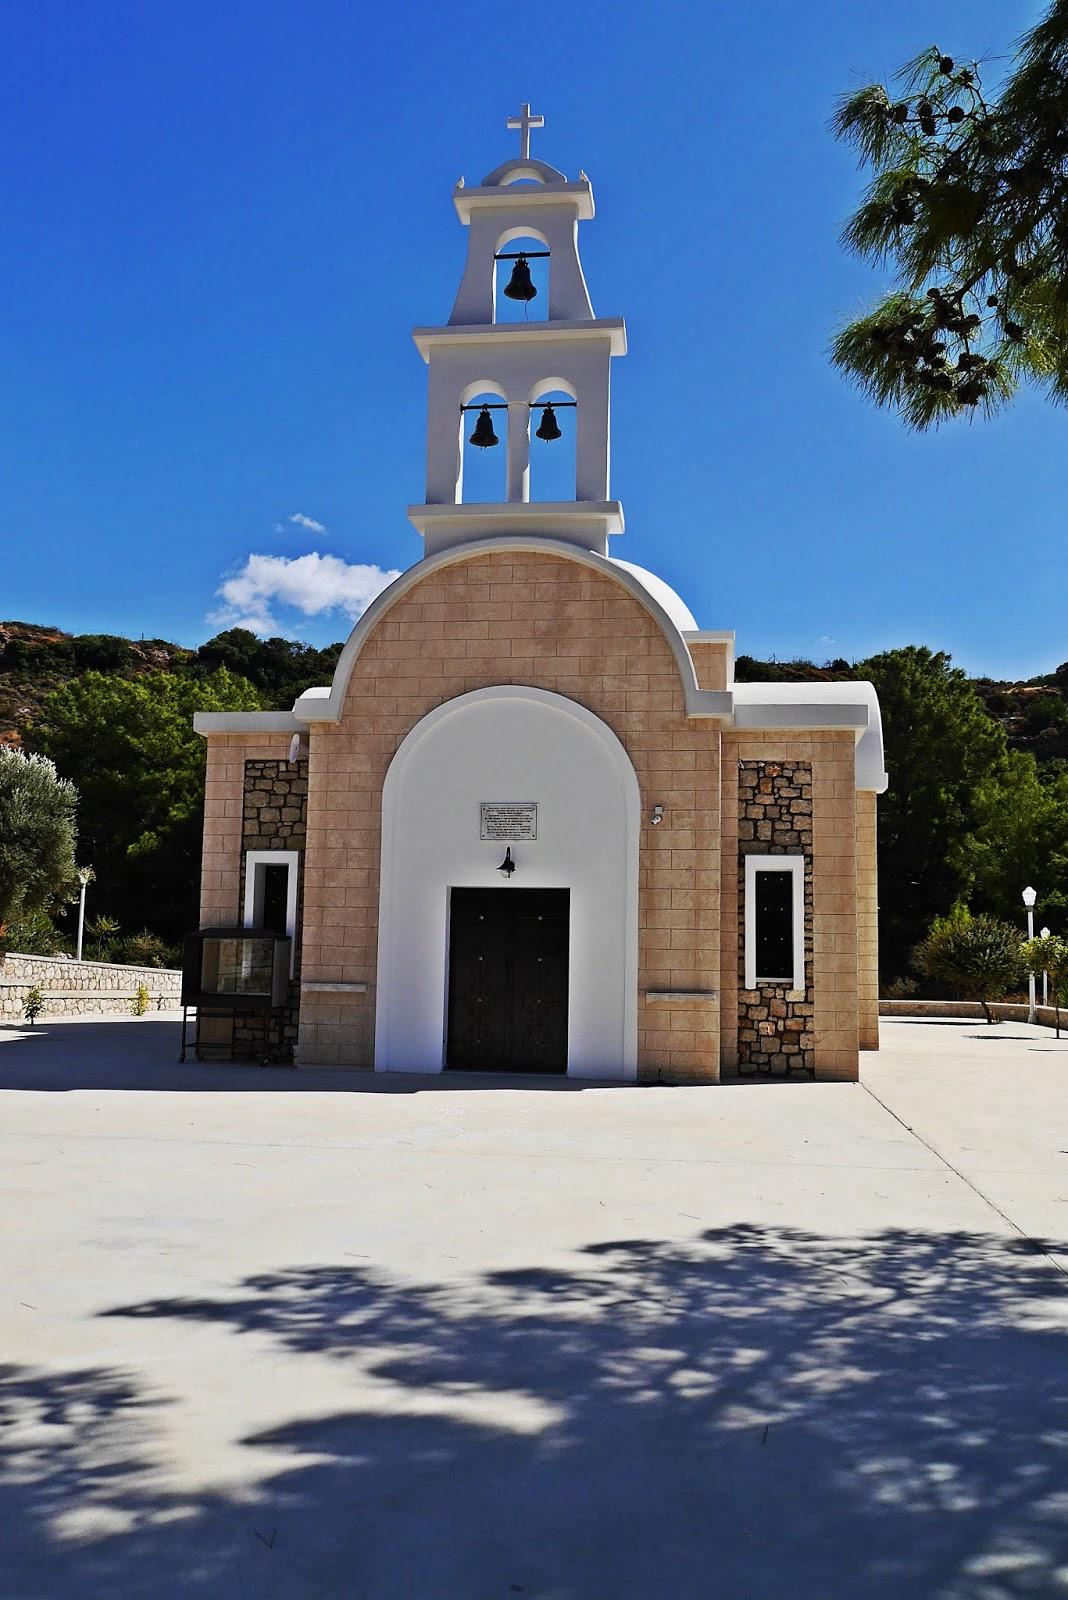 Kościół droga do anthony quinn bay grecja  karyn blog modowy blogerka modowa podróż pślubna